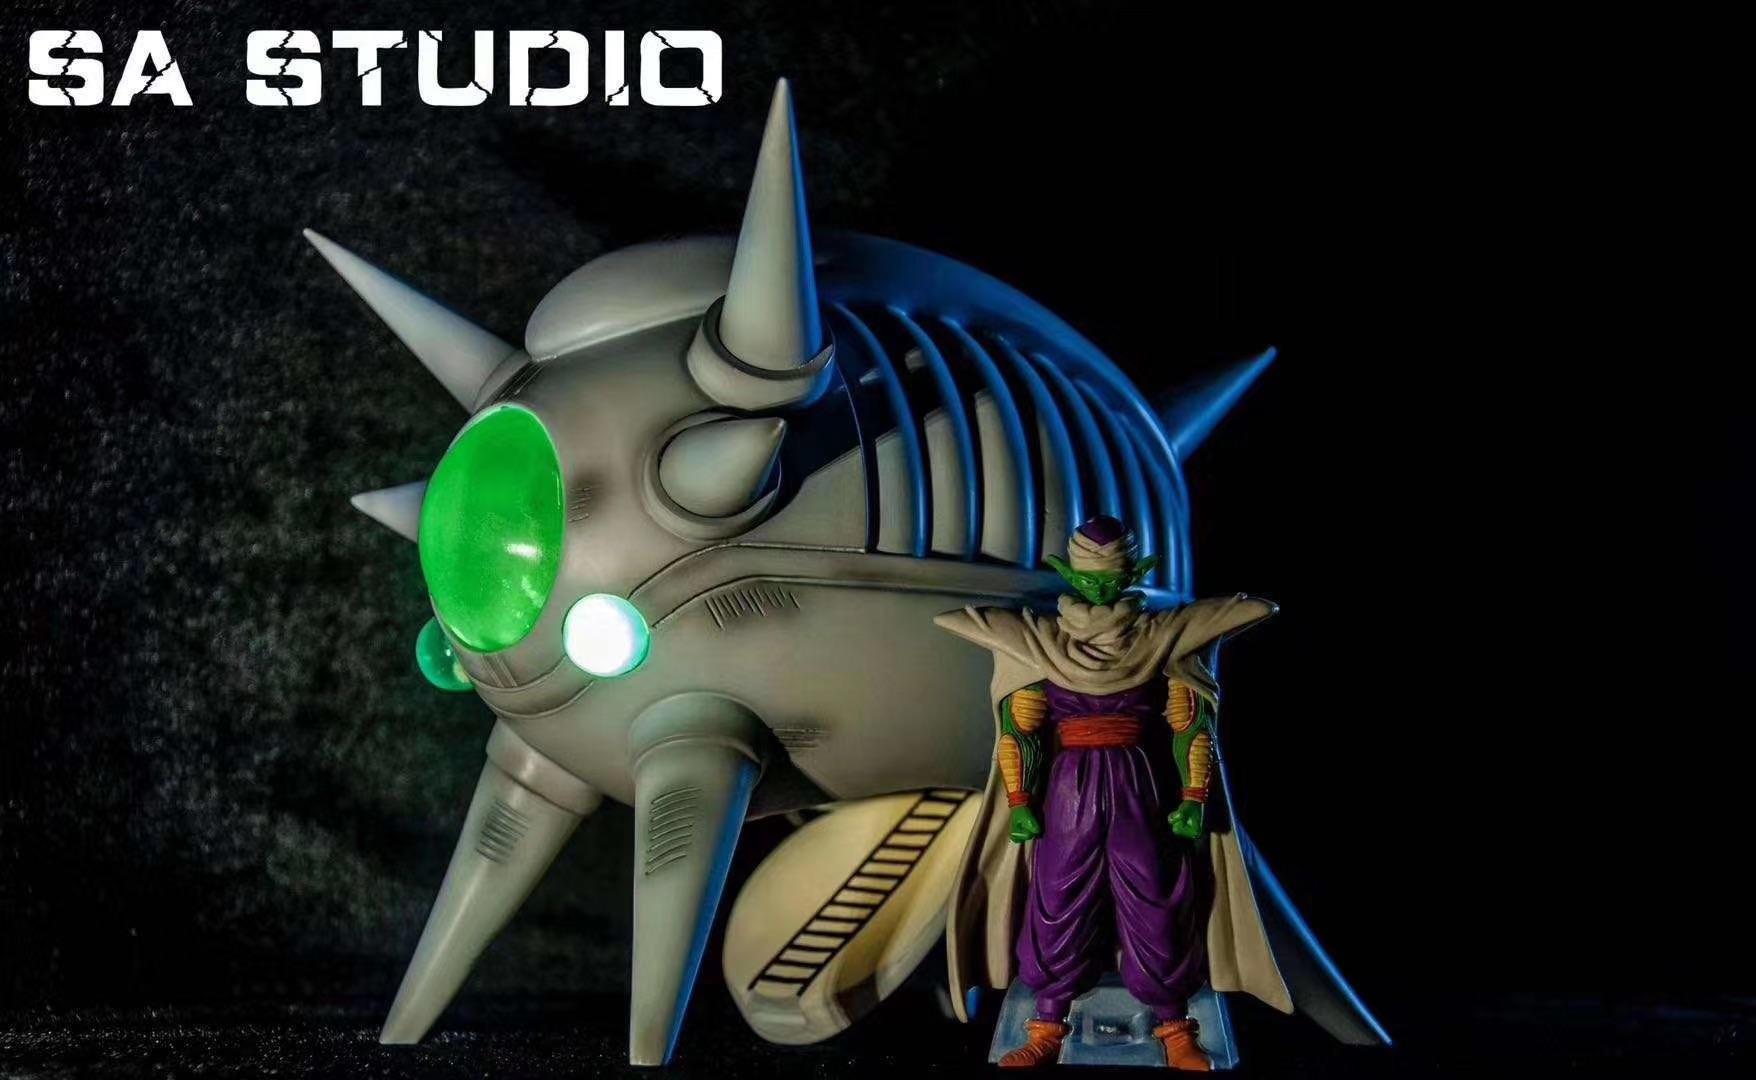 ขนาดใหญ่ Namek Spaceship SA Studio (มัดจำ)[[SOLDOUT]]